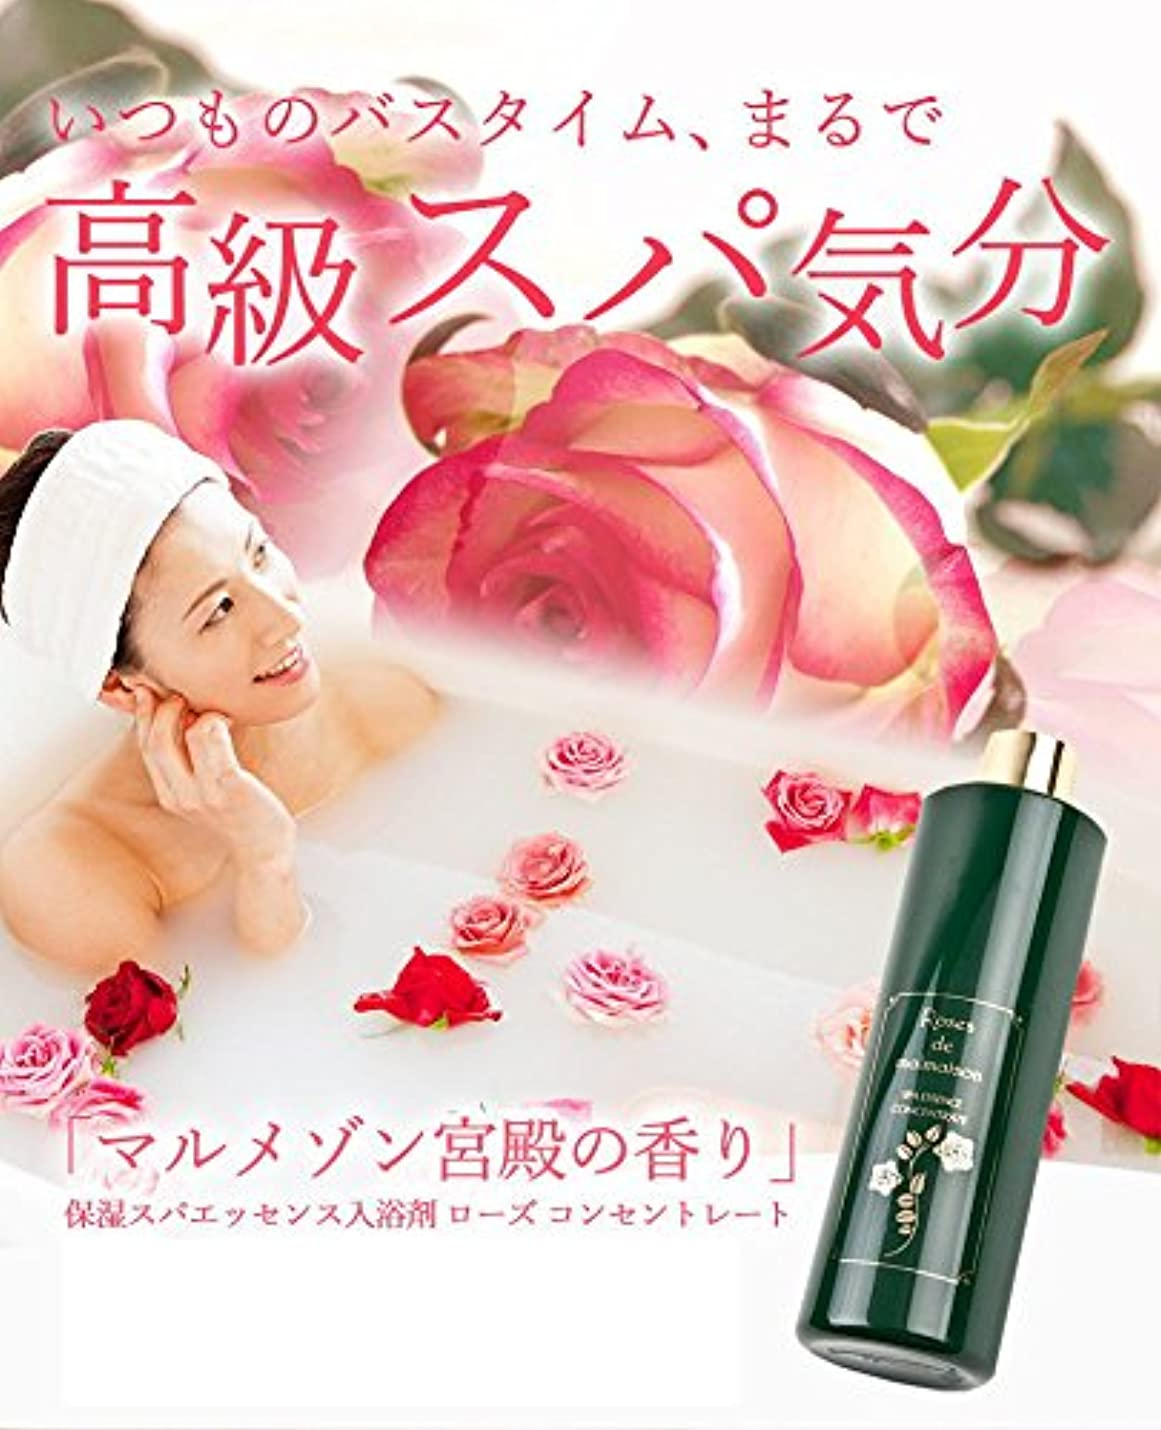 爆発金銭的な列車ローズドマルメゾン スパエッセンス コンセントレート バラの香りの入浴剤 天然ローズの香り 高級スパのような入浴剤